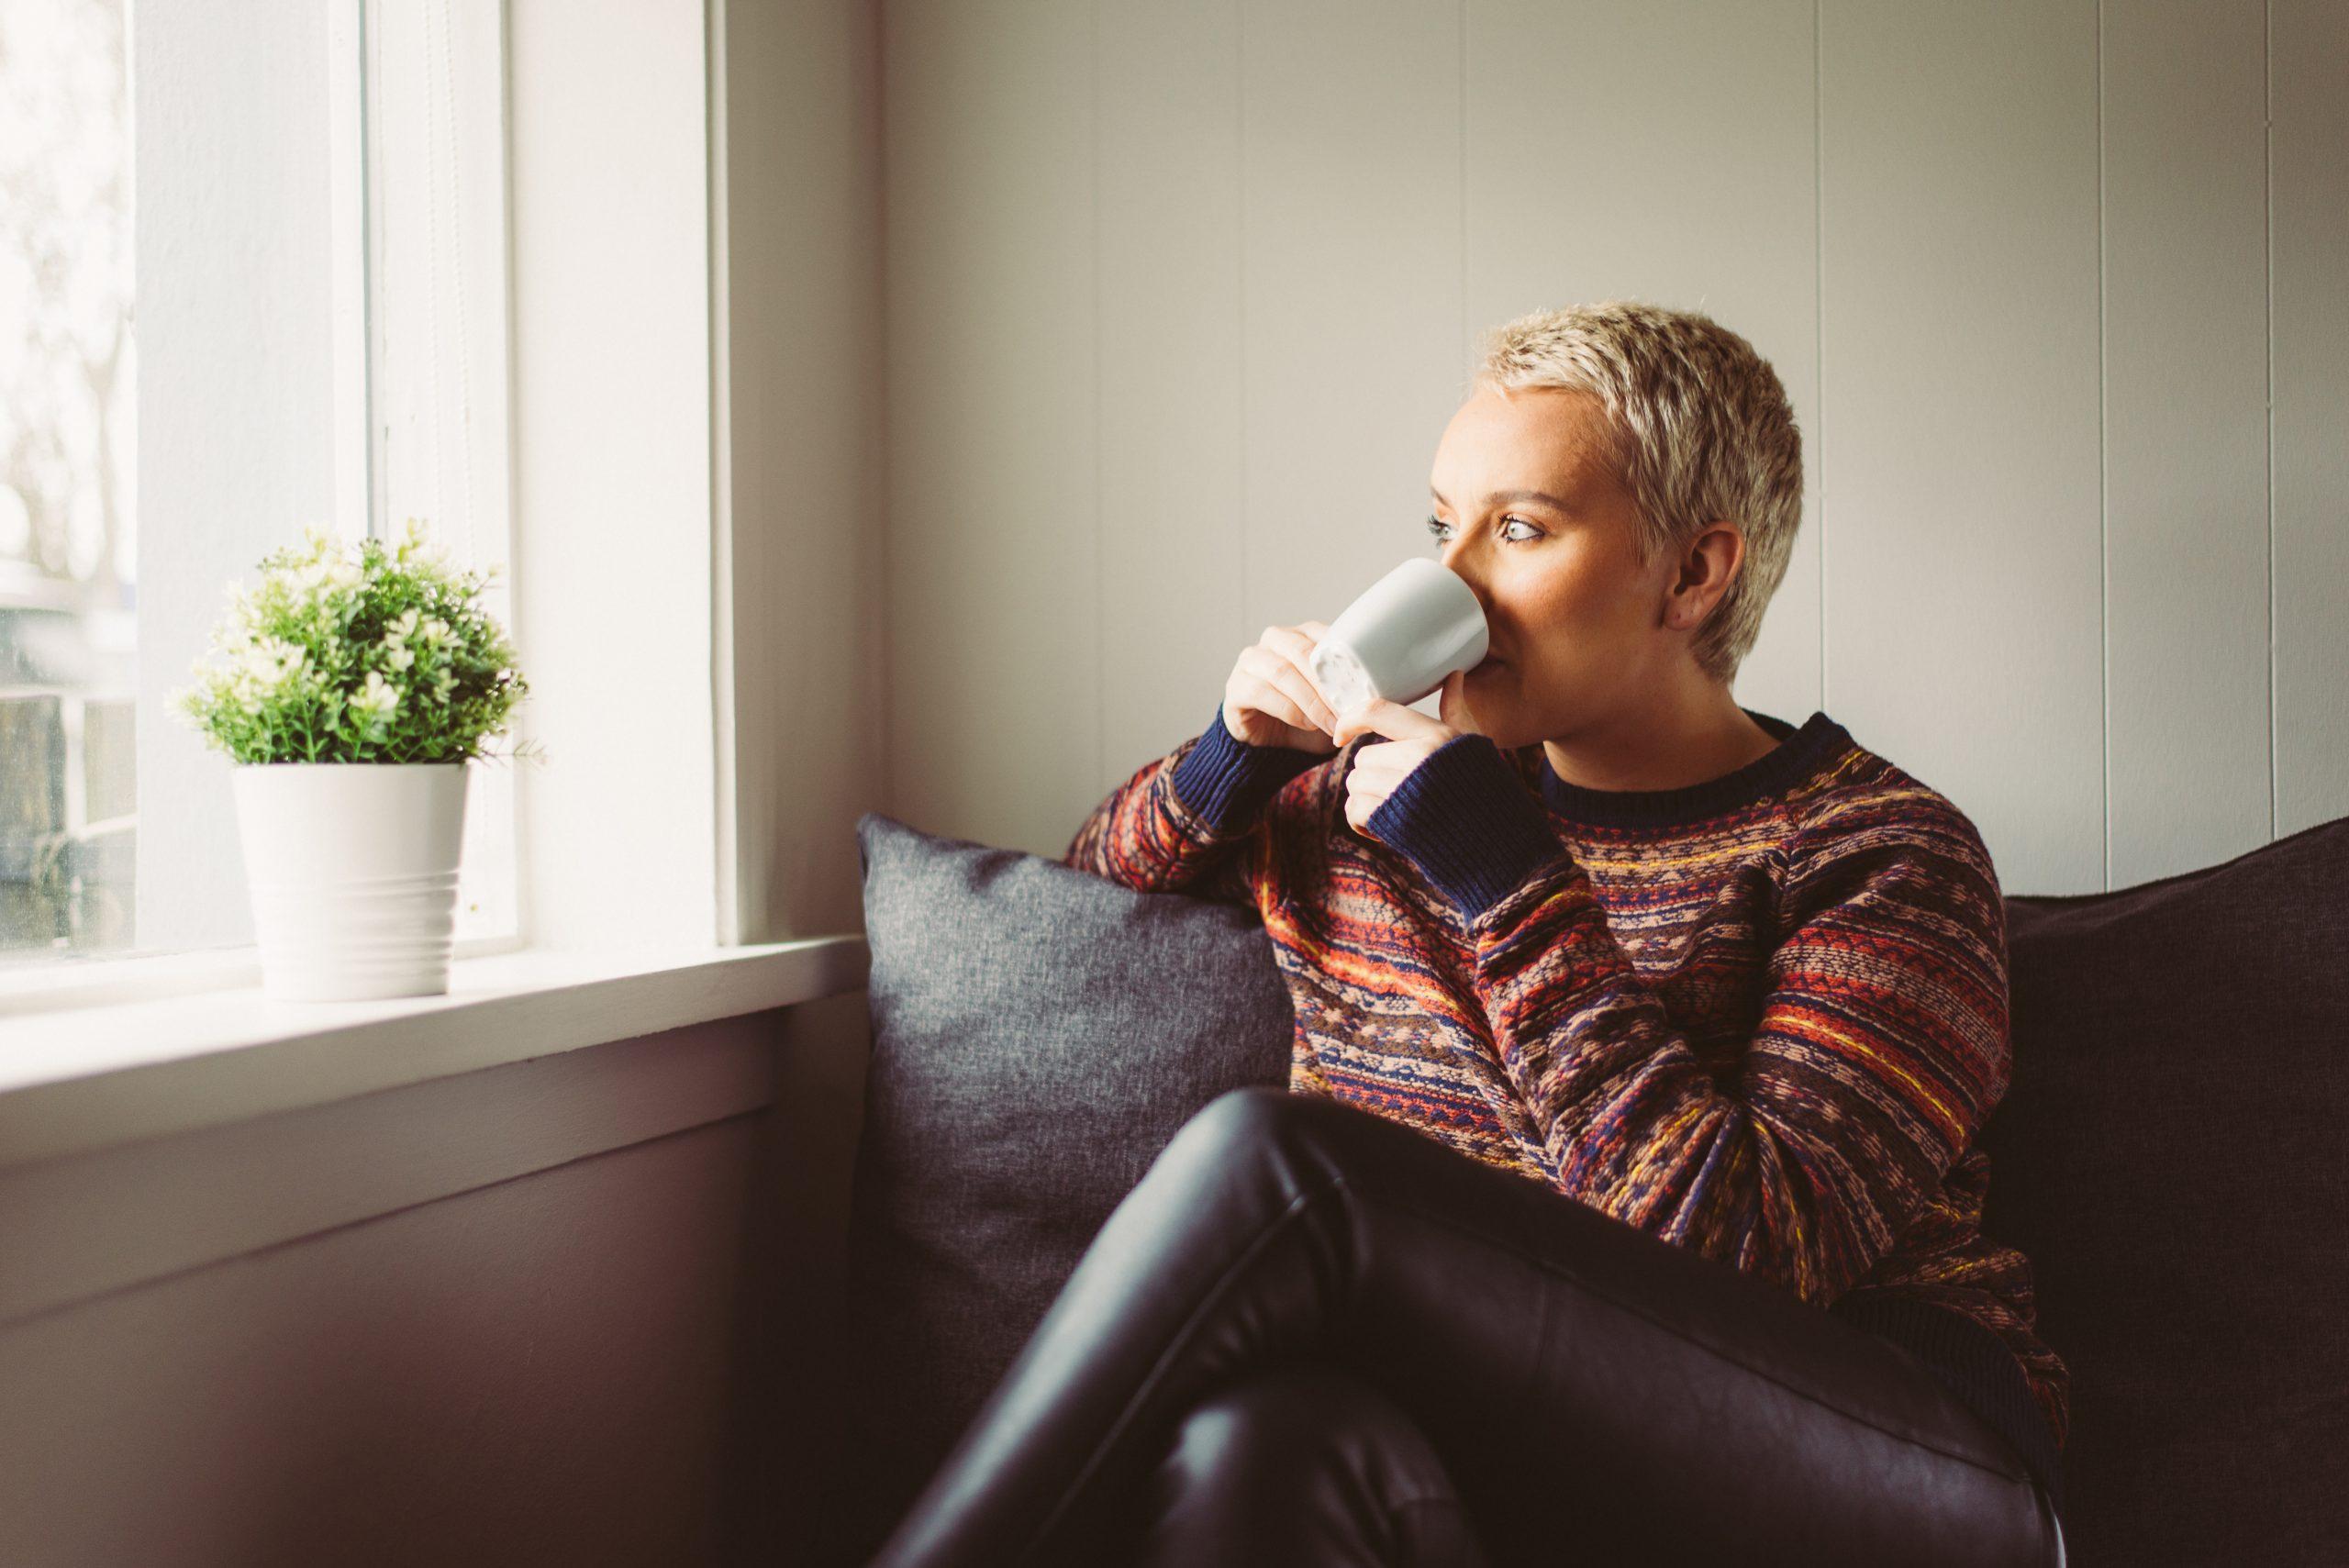 Quarentena e saúde mental: como proteger a mente durante o isolamento contra o coronavírus